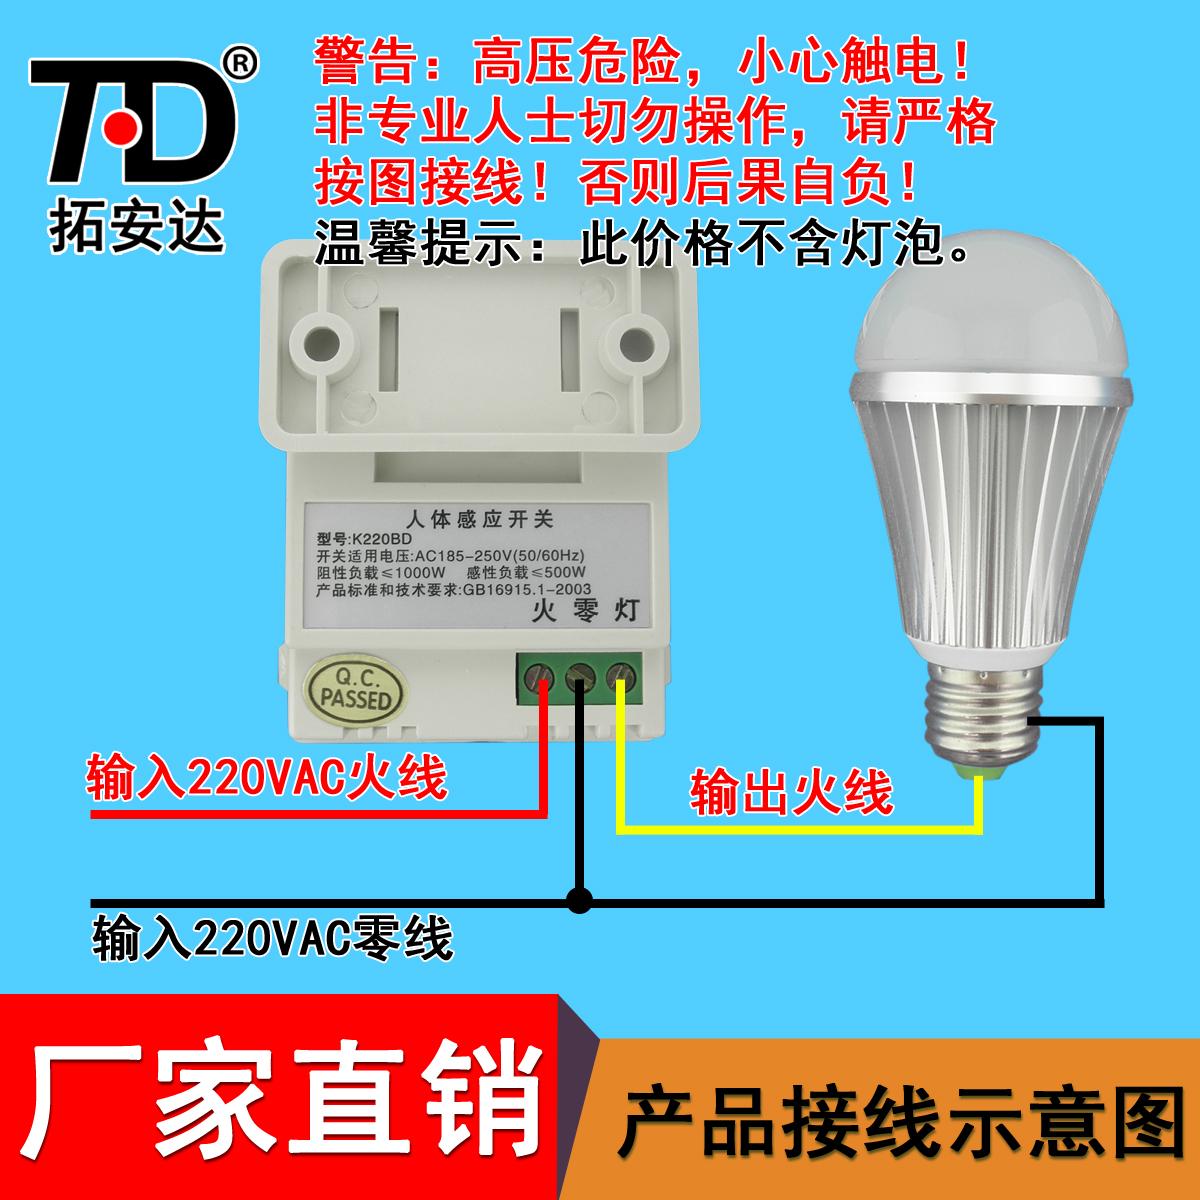 الأشعة تحت الحمراء 220 فولت هيئة التعريفي التبديل توفير الطاقة مصباح الصمام مصباح التعريفي في اتجاه حرية ضبط التتابع